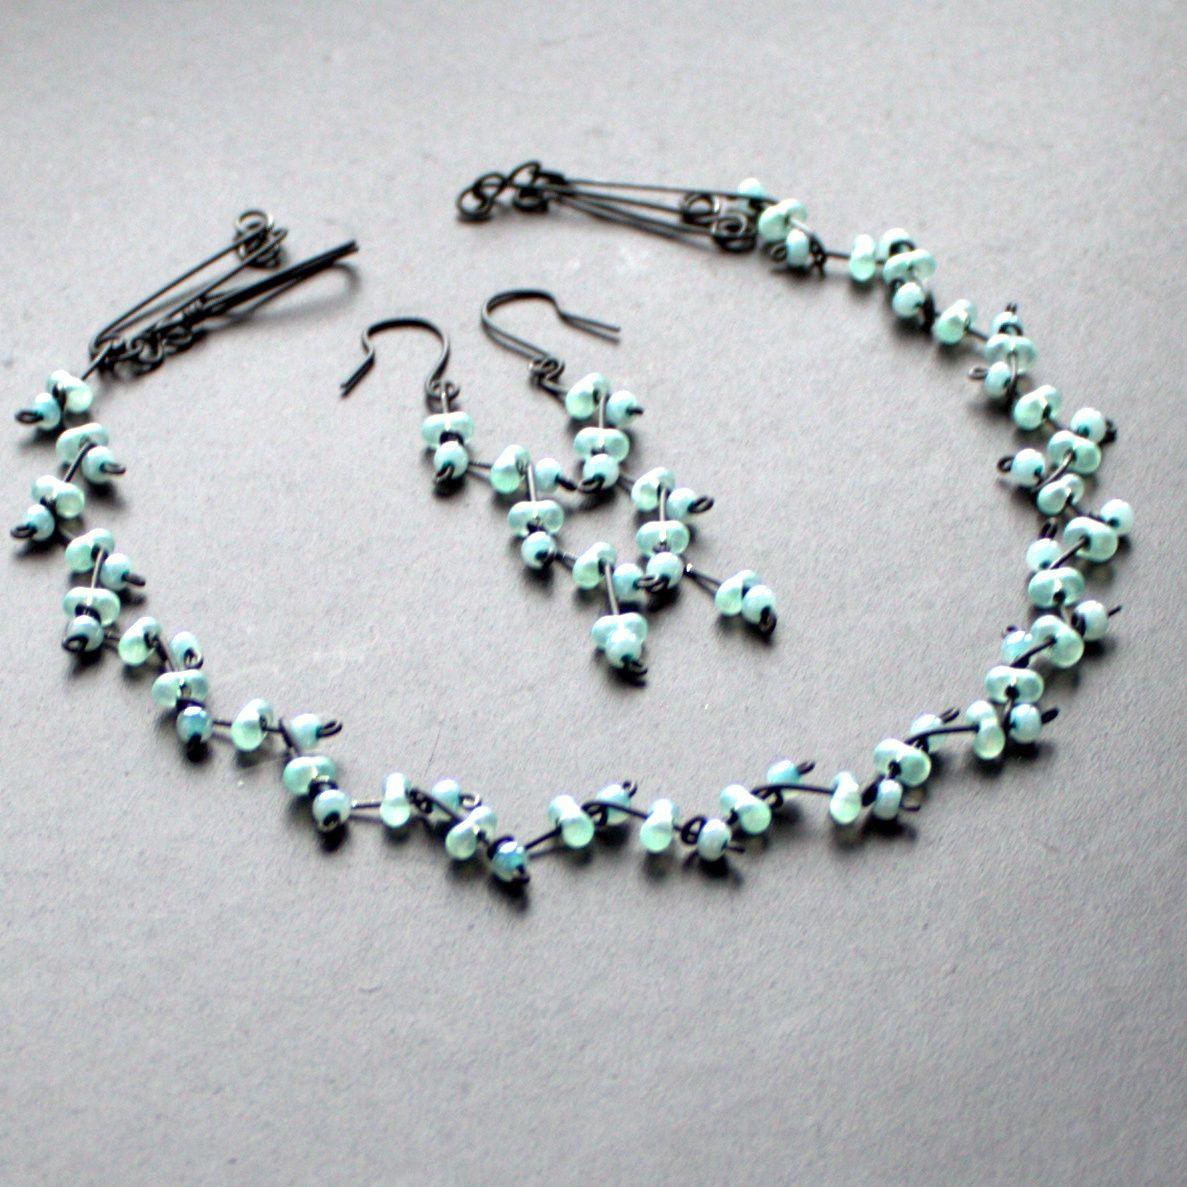 MENTOLOVÁ VĚTVIČKA Drátovaný náhrdelník a náušnice z černého 0,8 mm drátu a perleťově mentolových rokailových korálků a mašliček. Velikost mašličky je cca 0,6 cm Délka náhrdelníku je cca 52 cm, lze jej na požádání zkrátit či prodloužit. Lze vyrobit v jakékoliv jiné barvě. Délka náušnic je cca 7,5 cm. Šperk je vyroben pouze z drátu a korálků, bez ...